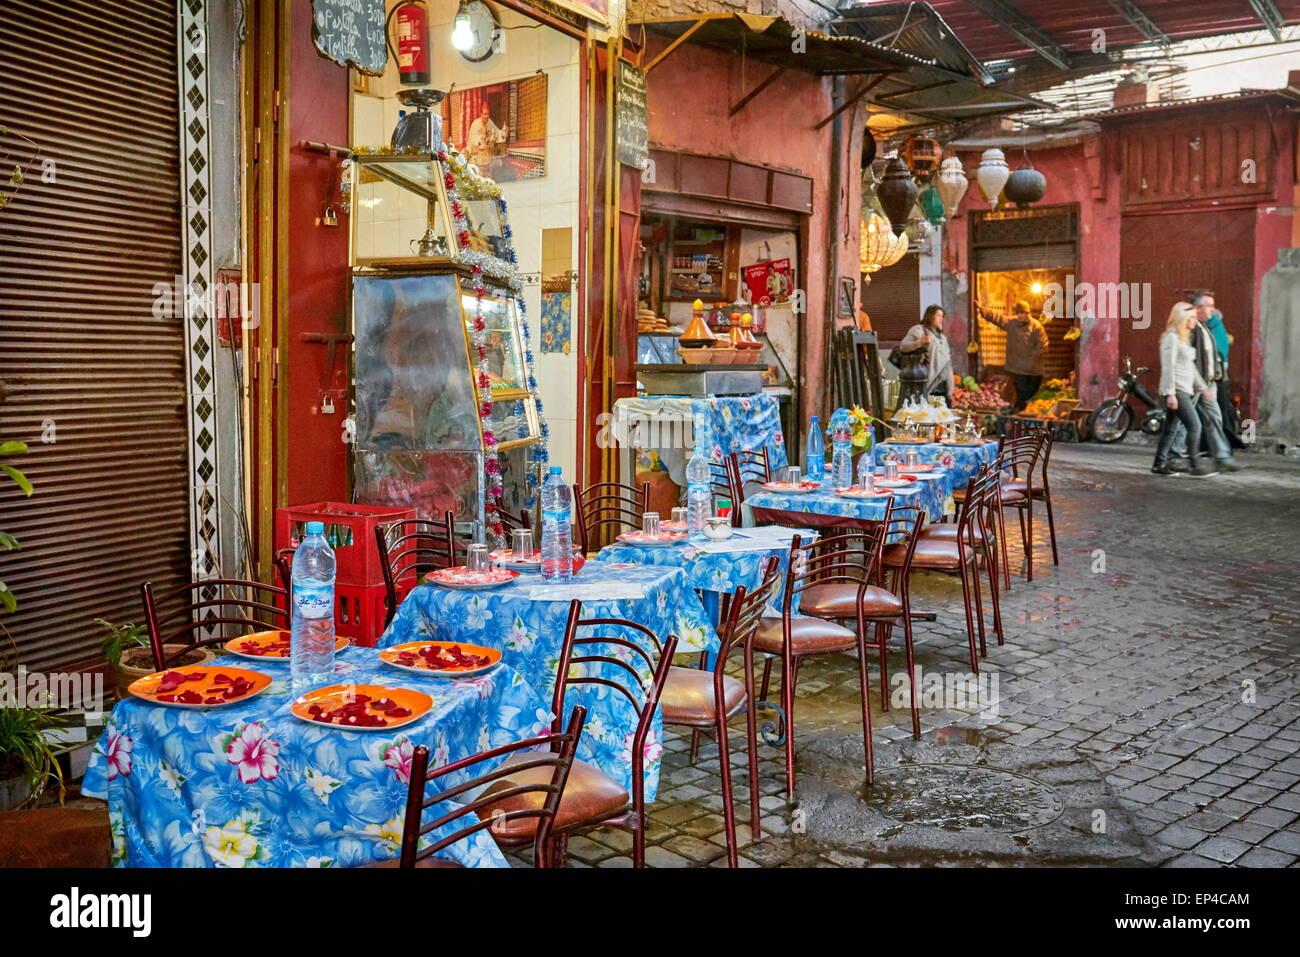 Una strada locale ristorante nei pressi di Djemaa el Fna, Medina di Marrakech, Marocco, Africa Immagini Stock